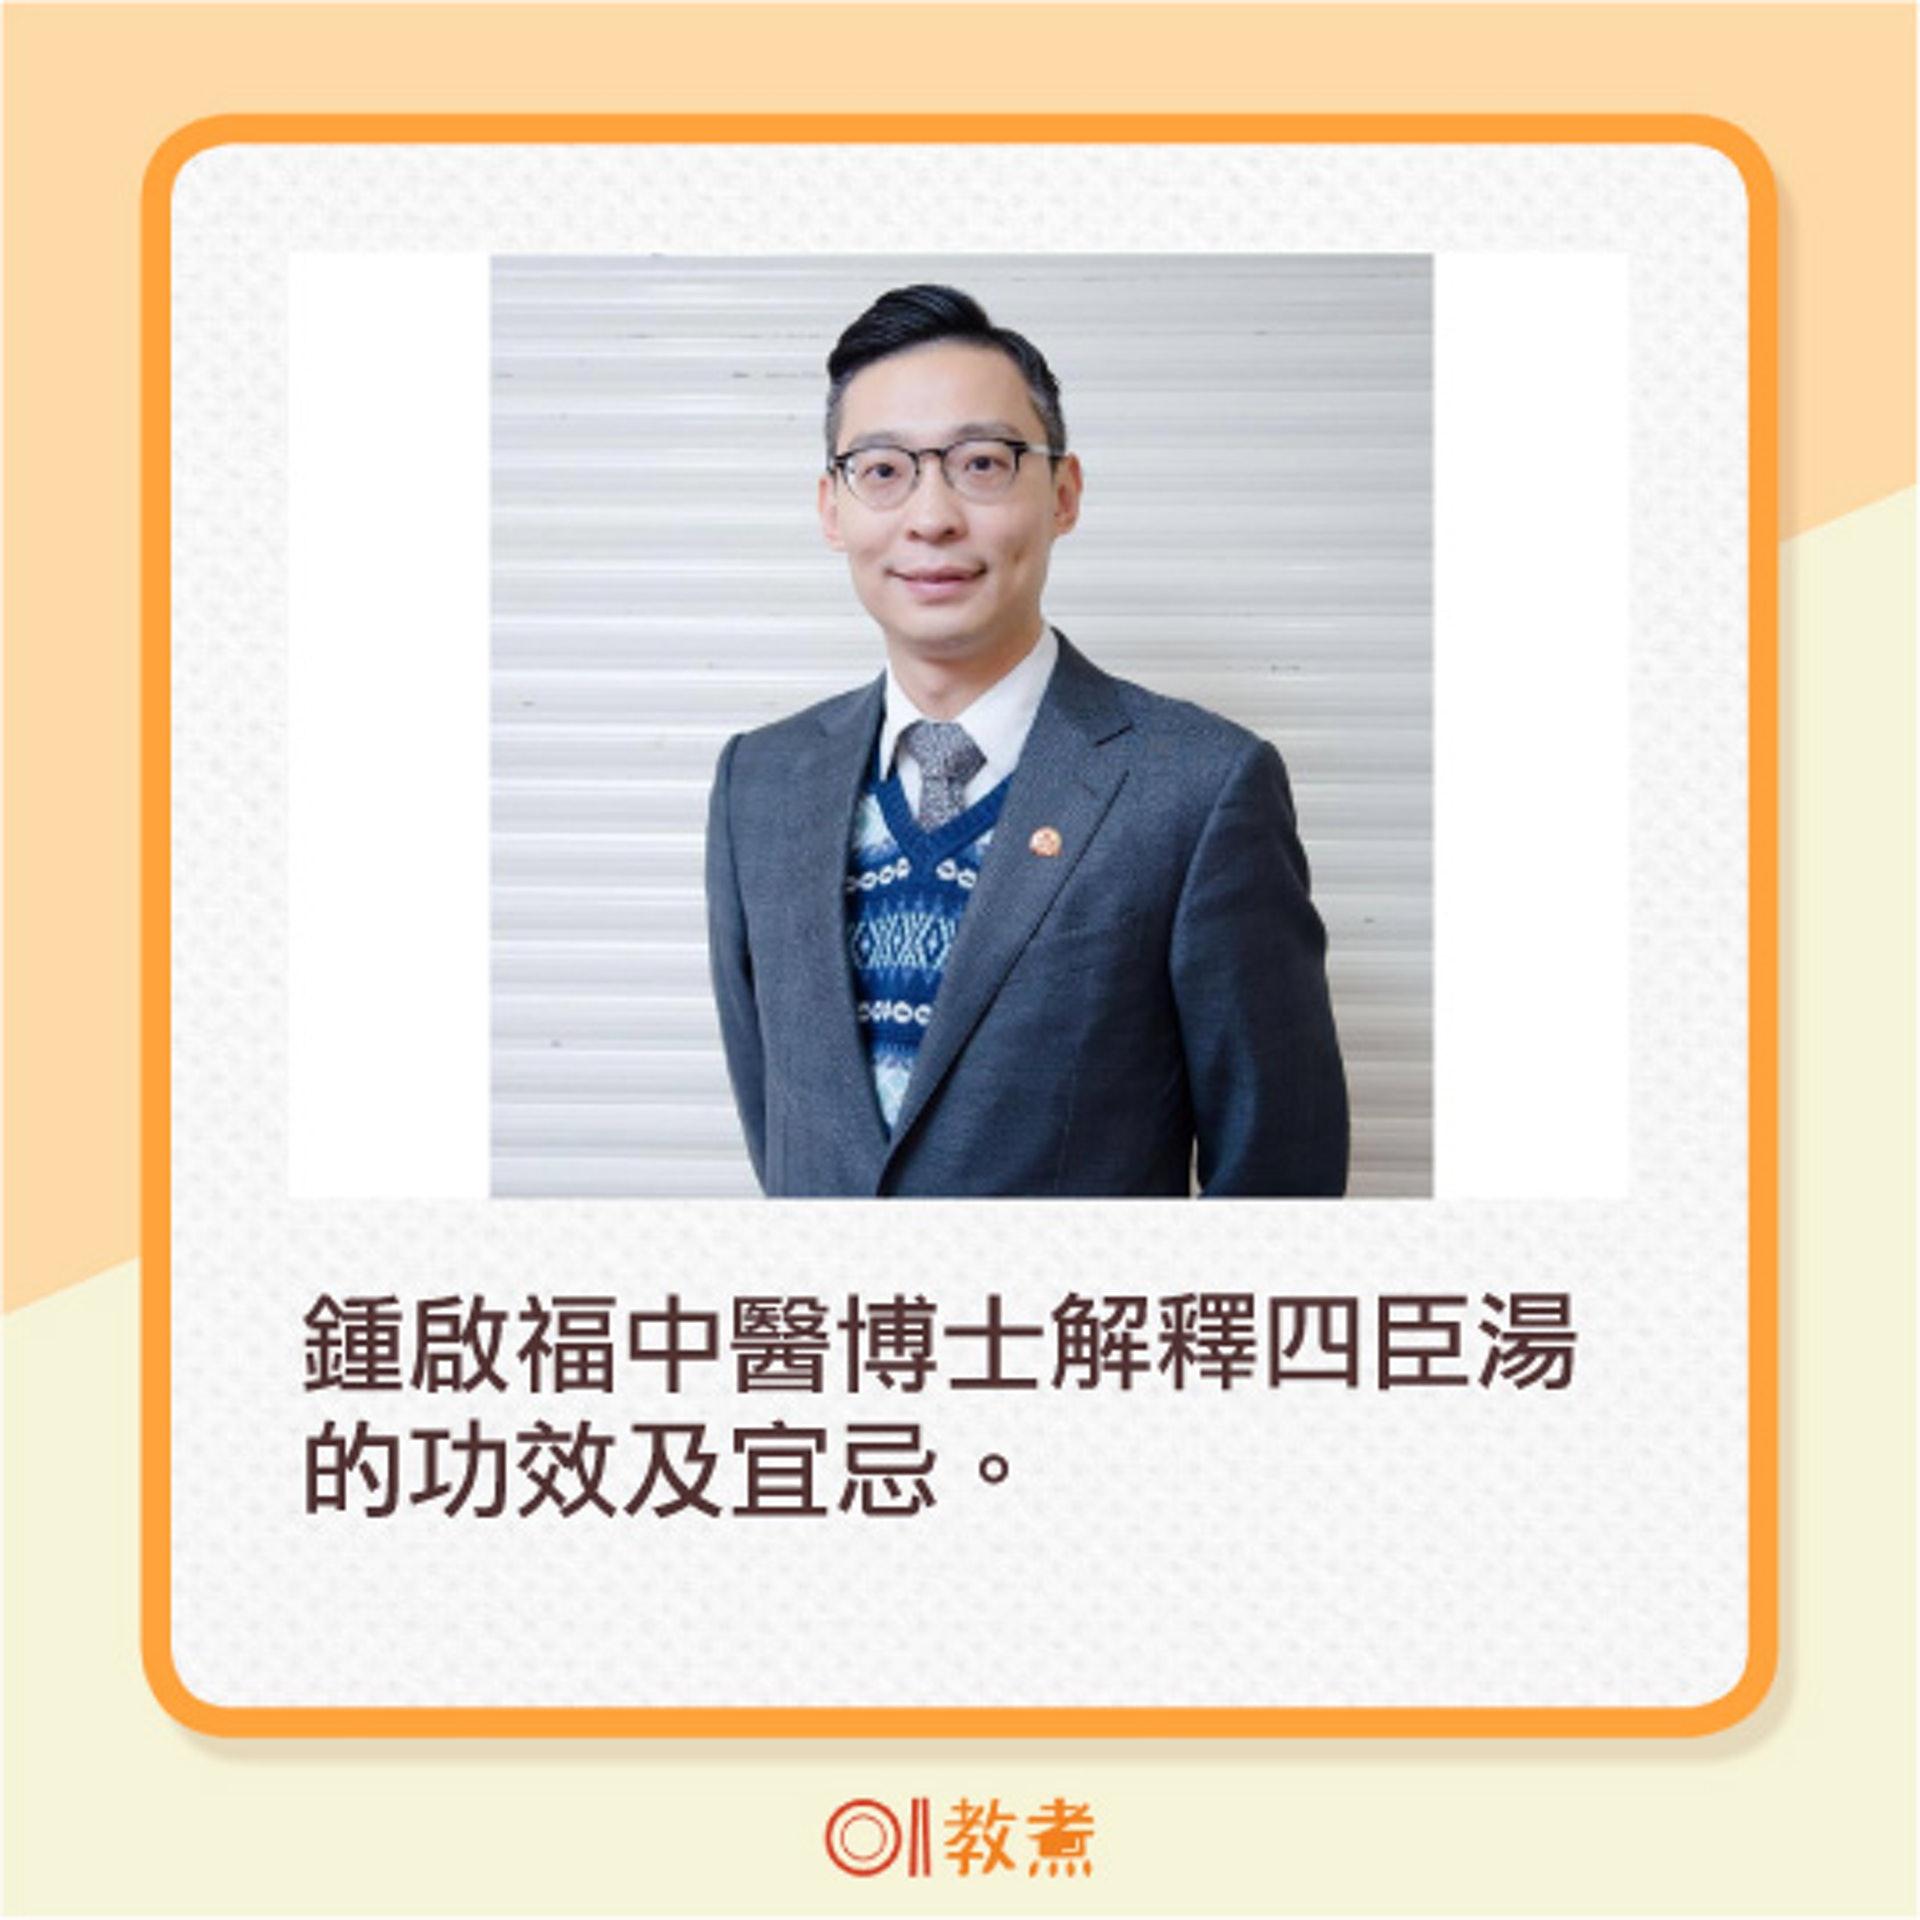 鍾啟福中醫博士解釋四臣湯的食療功效及宜忌。(受訪者提供)